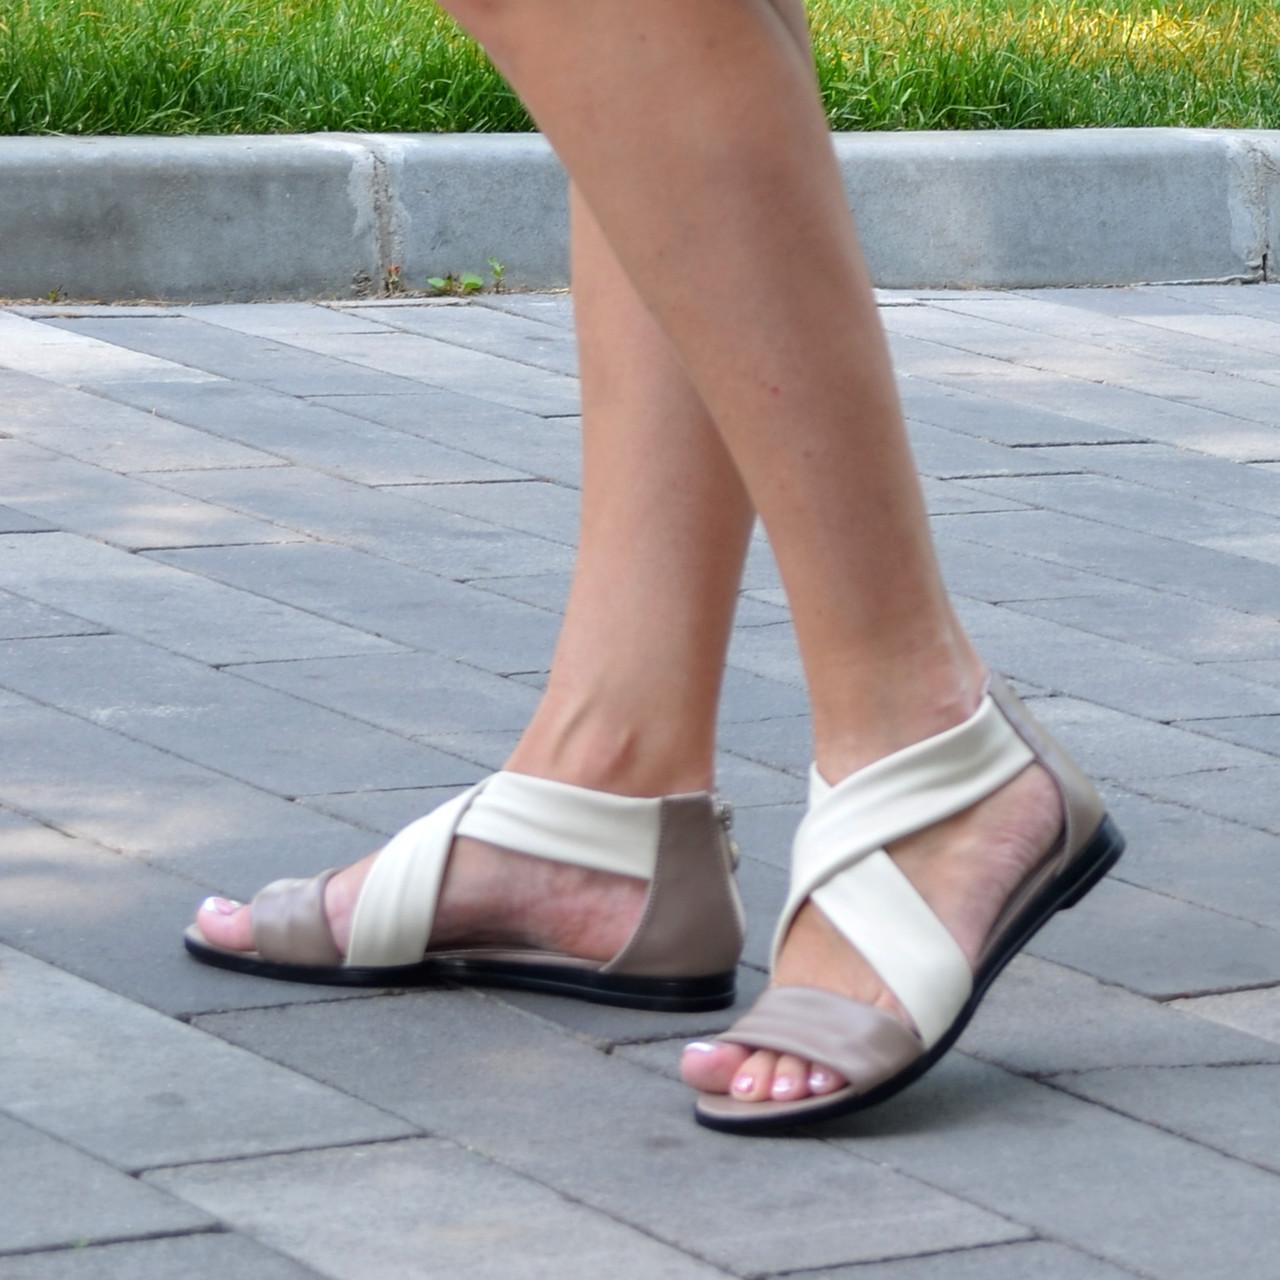 Босоножки римлянки женские кожаные, цвет визон/бежевая кожа. 39 размер